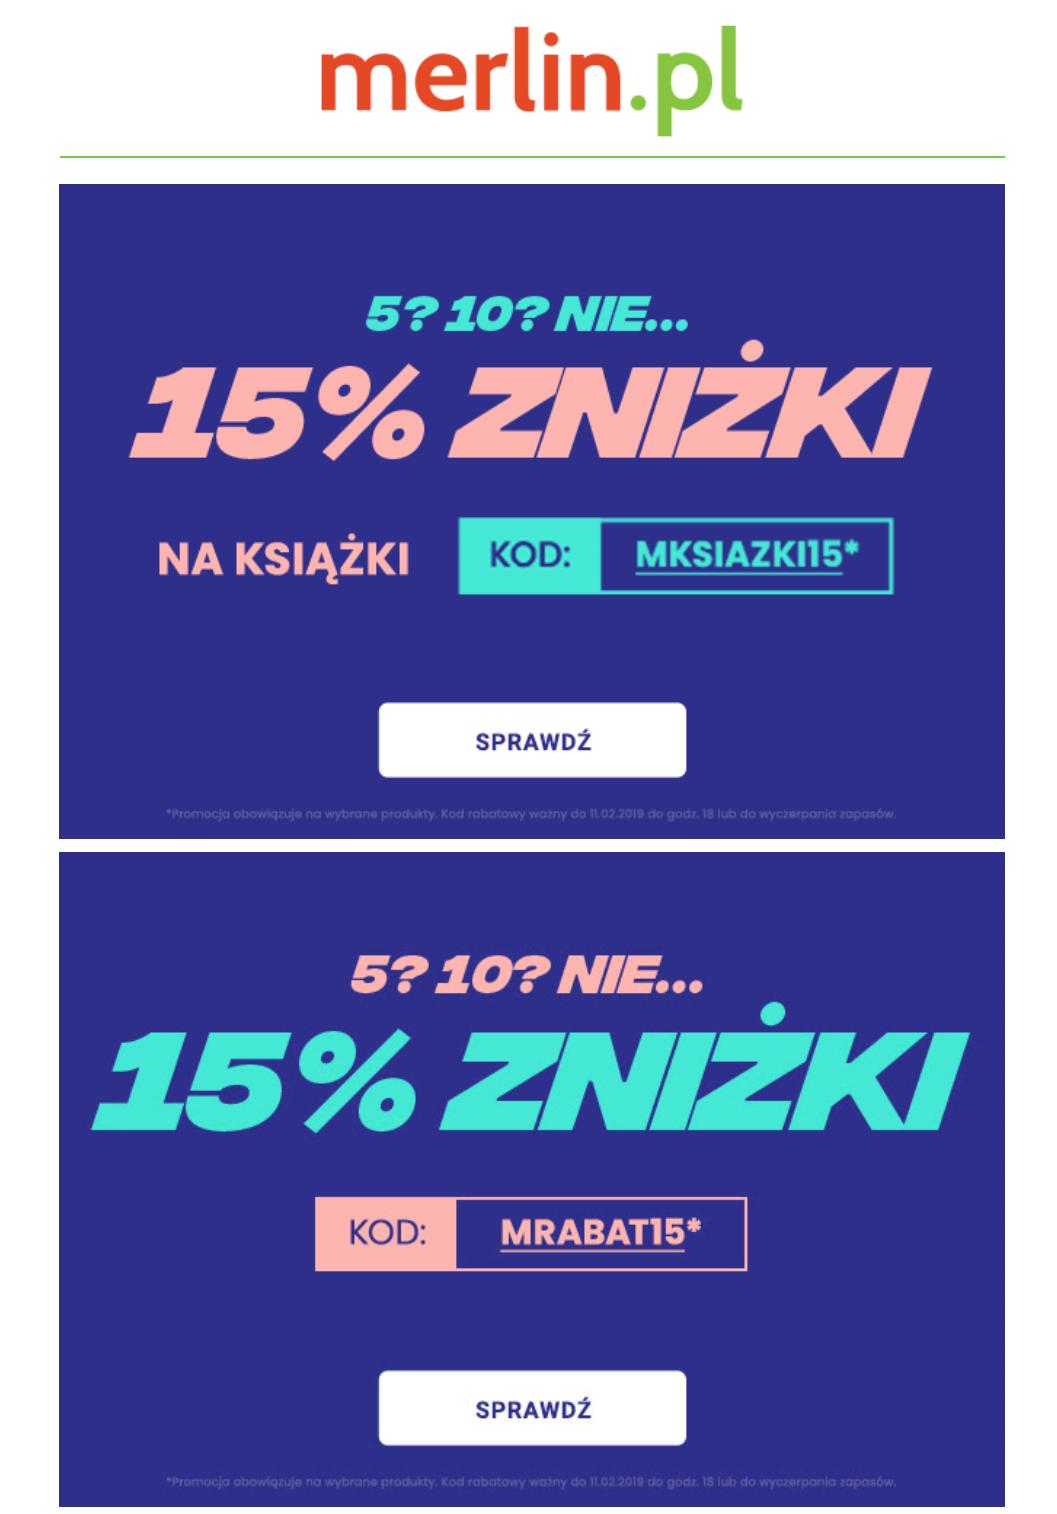 Dodatkowy rabat 15% na merlin.pl na wybrane planszowki, gry, zabawki i LEGO.